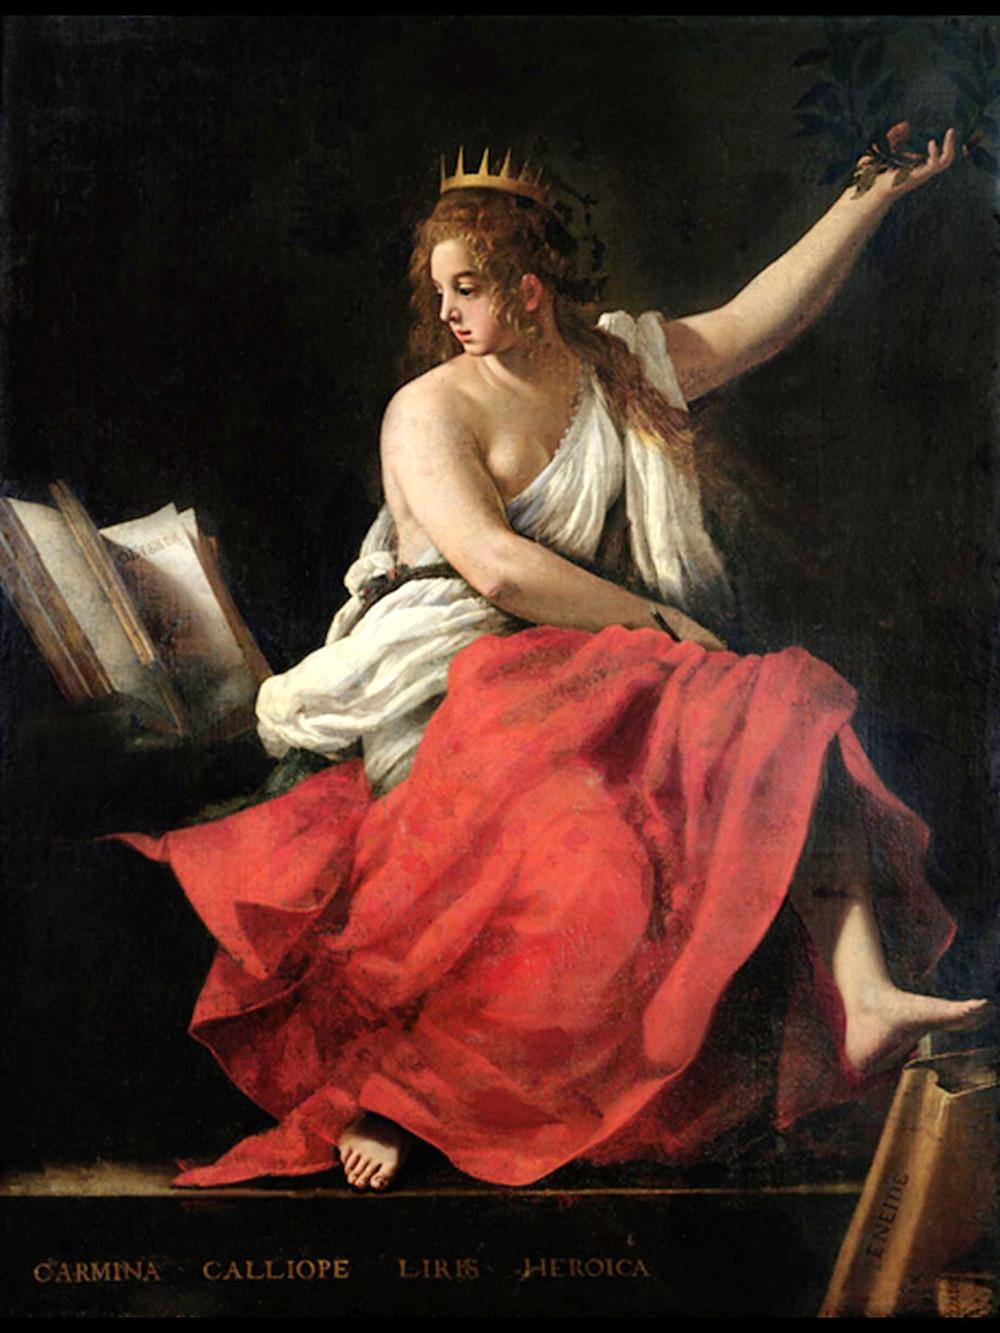 Calíope, musa da poesia épica, s.d. - Giovanni Baglione (1566-1643). - Calíope, musa da poesia épica, s.d.